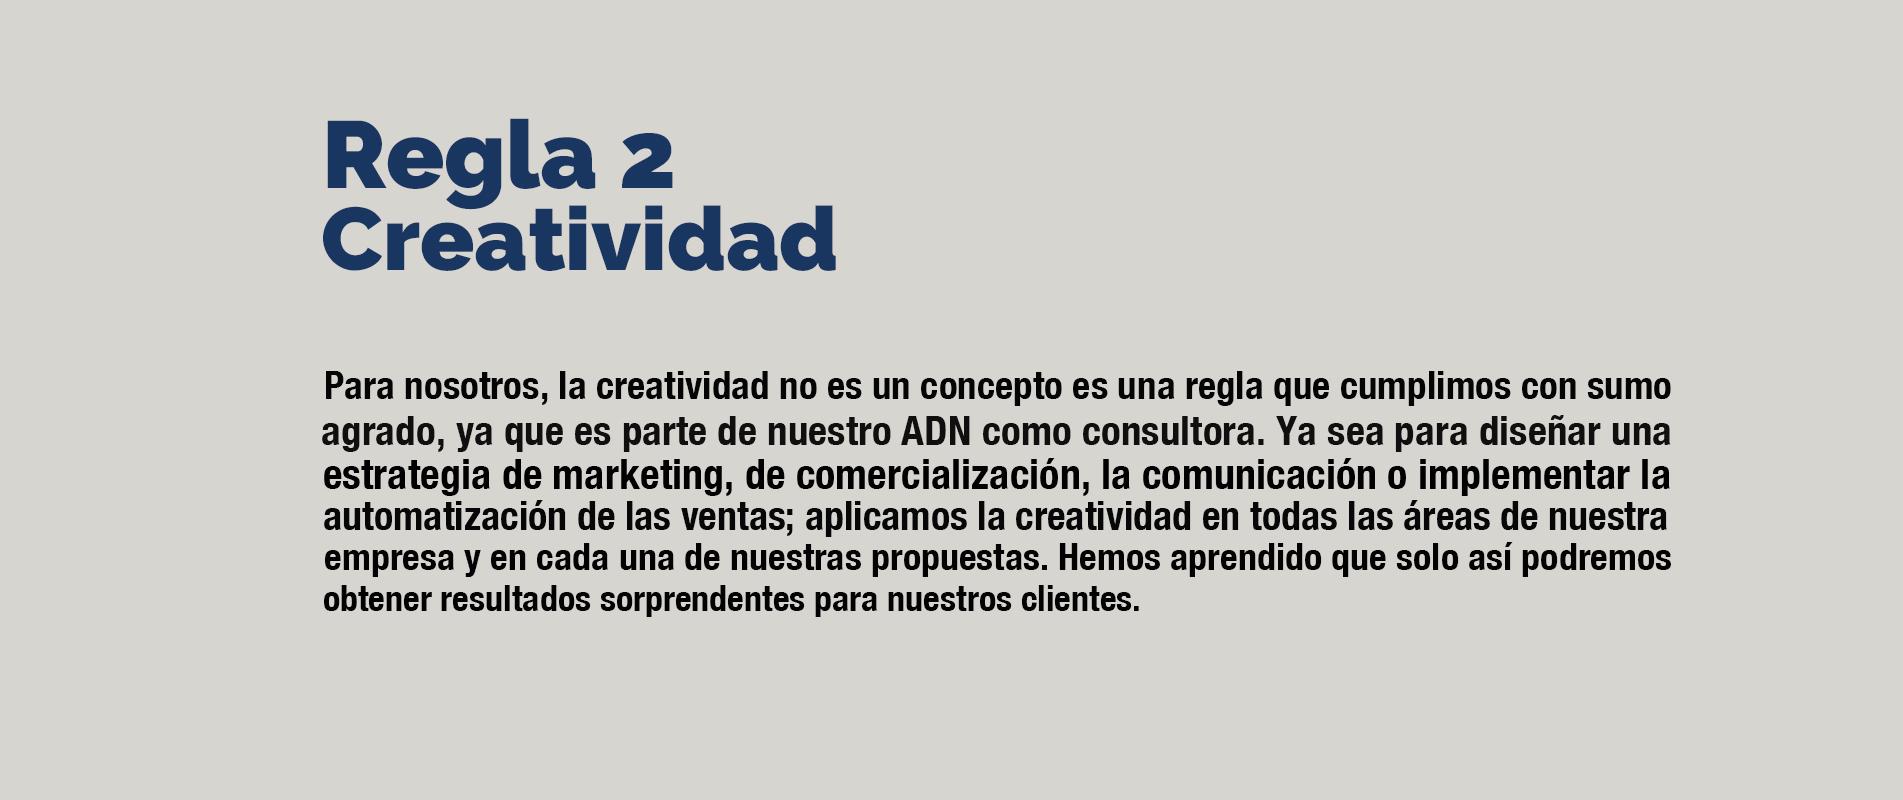 regla 2 creatividad